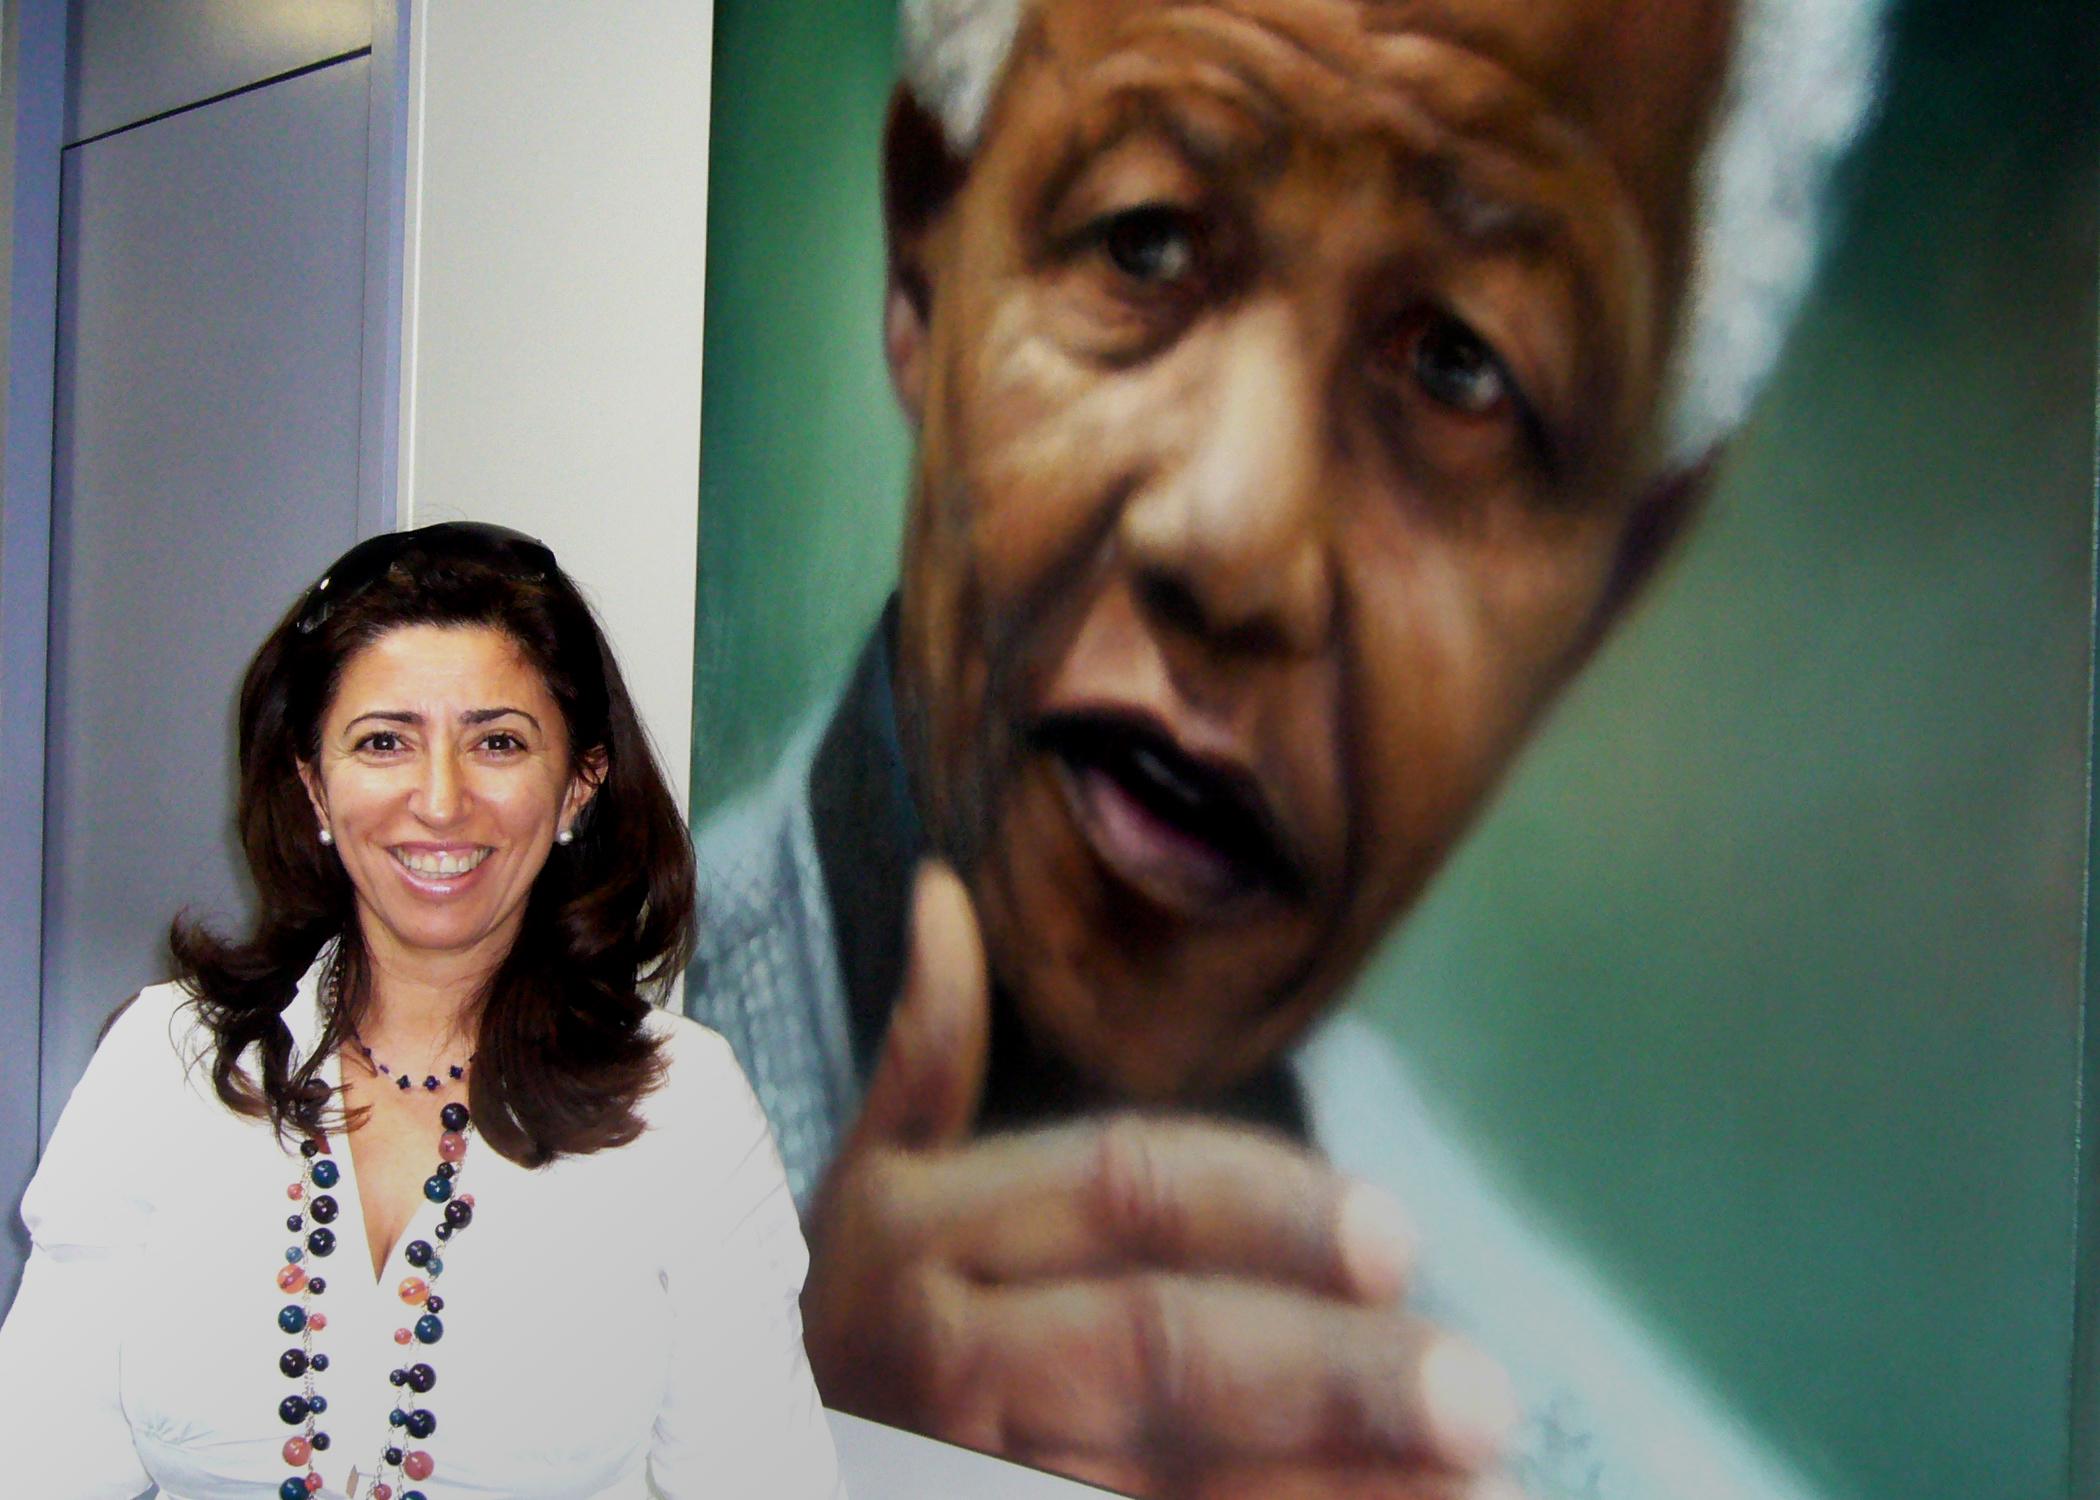 Carmen Márquez, catedrática de Derecho Internacional Público y Relaciones Internacionales por la Universidad de Sevilla